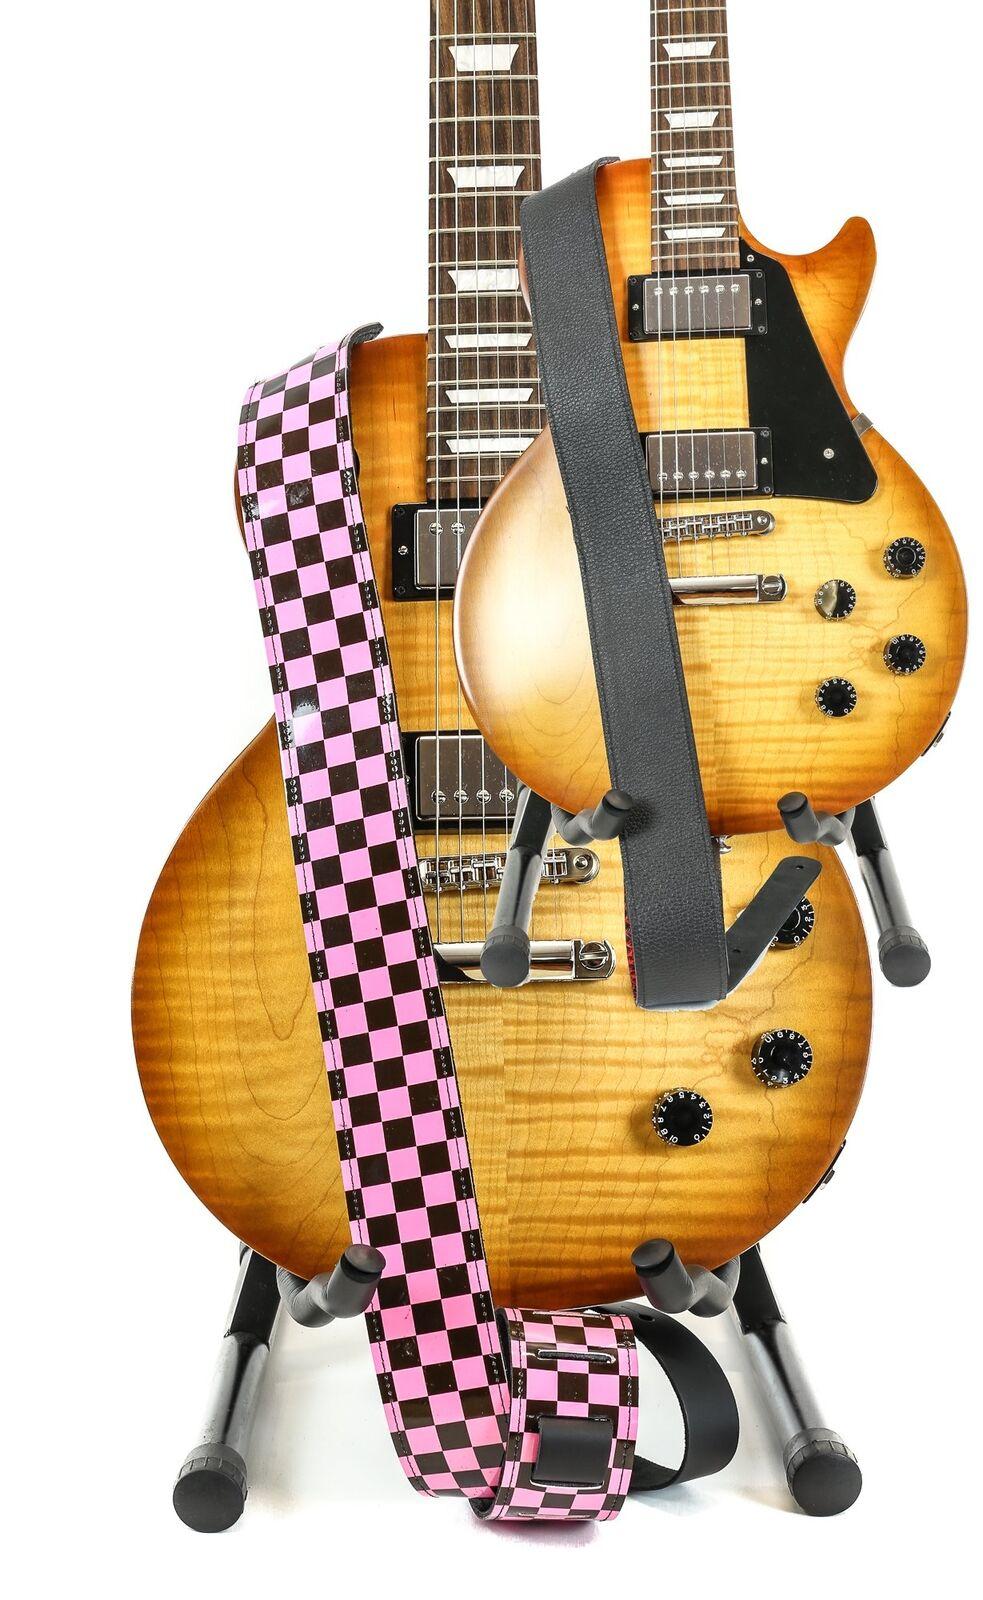 Reversible Buffalo genuino cuero cuero cuero correa de guitarra de tablero de ajedrez clásico rosadodo  venta con descuento